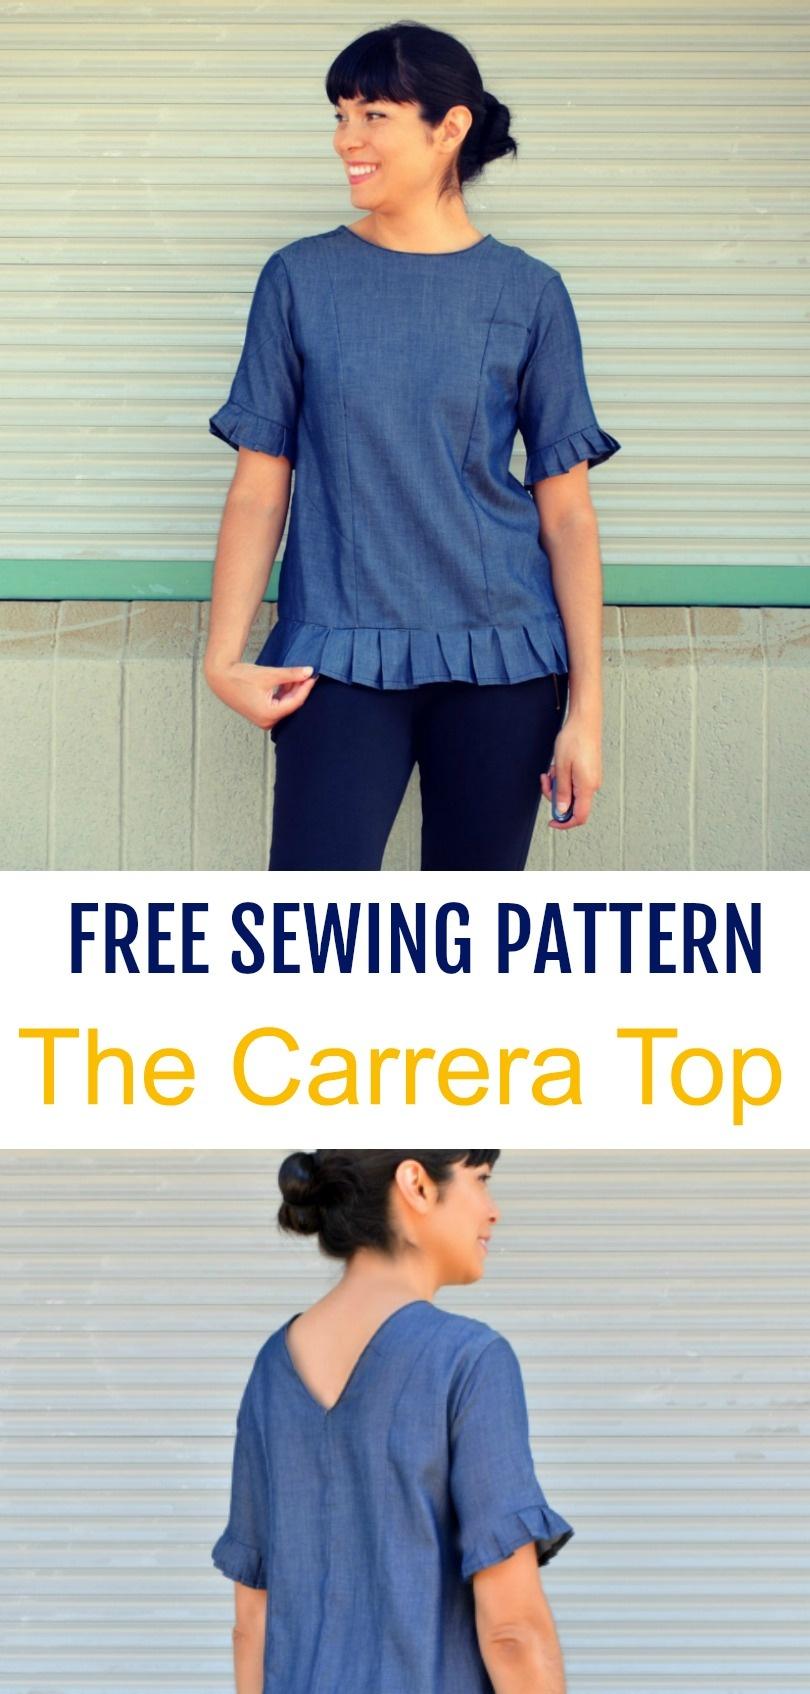 Pdf Sewing Pattern Printable Sewing Pattern For Women Printable - Free Printable Blouse Sewing Patterns